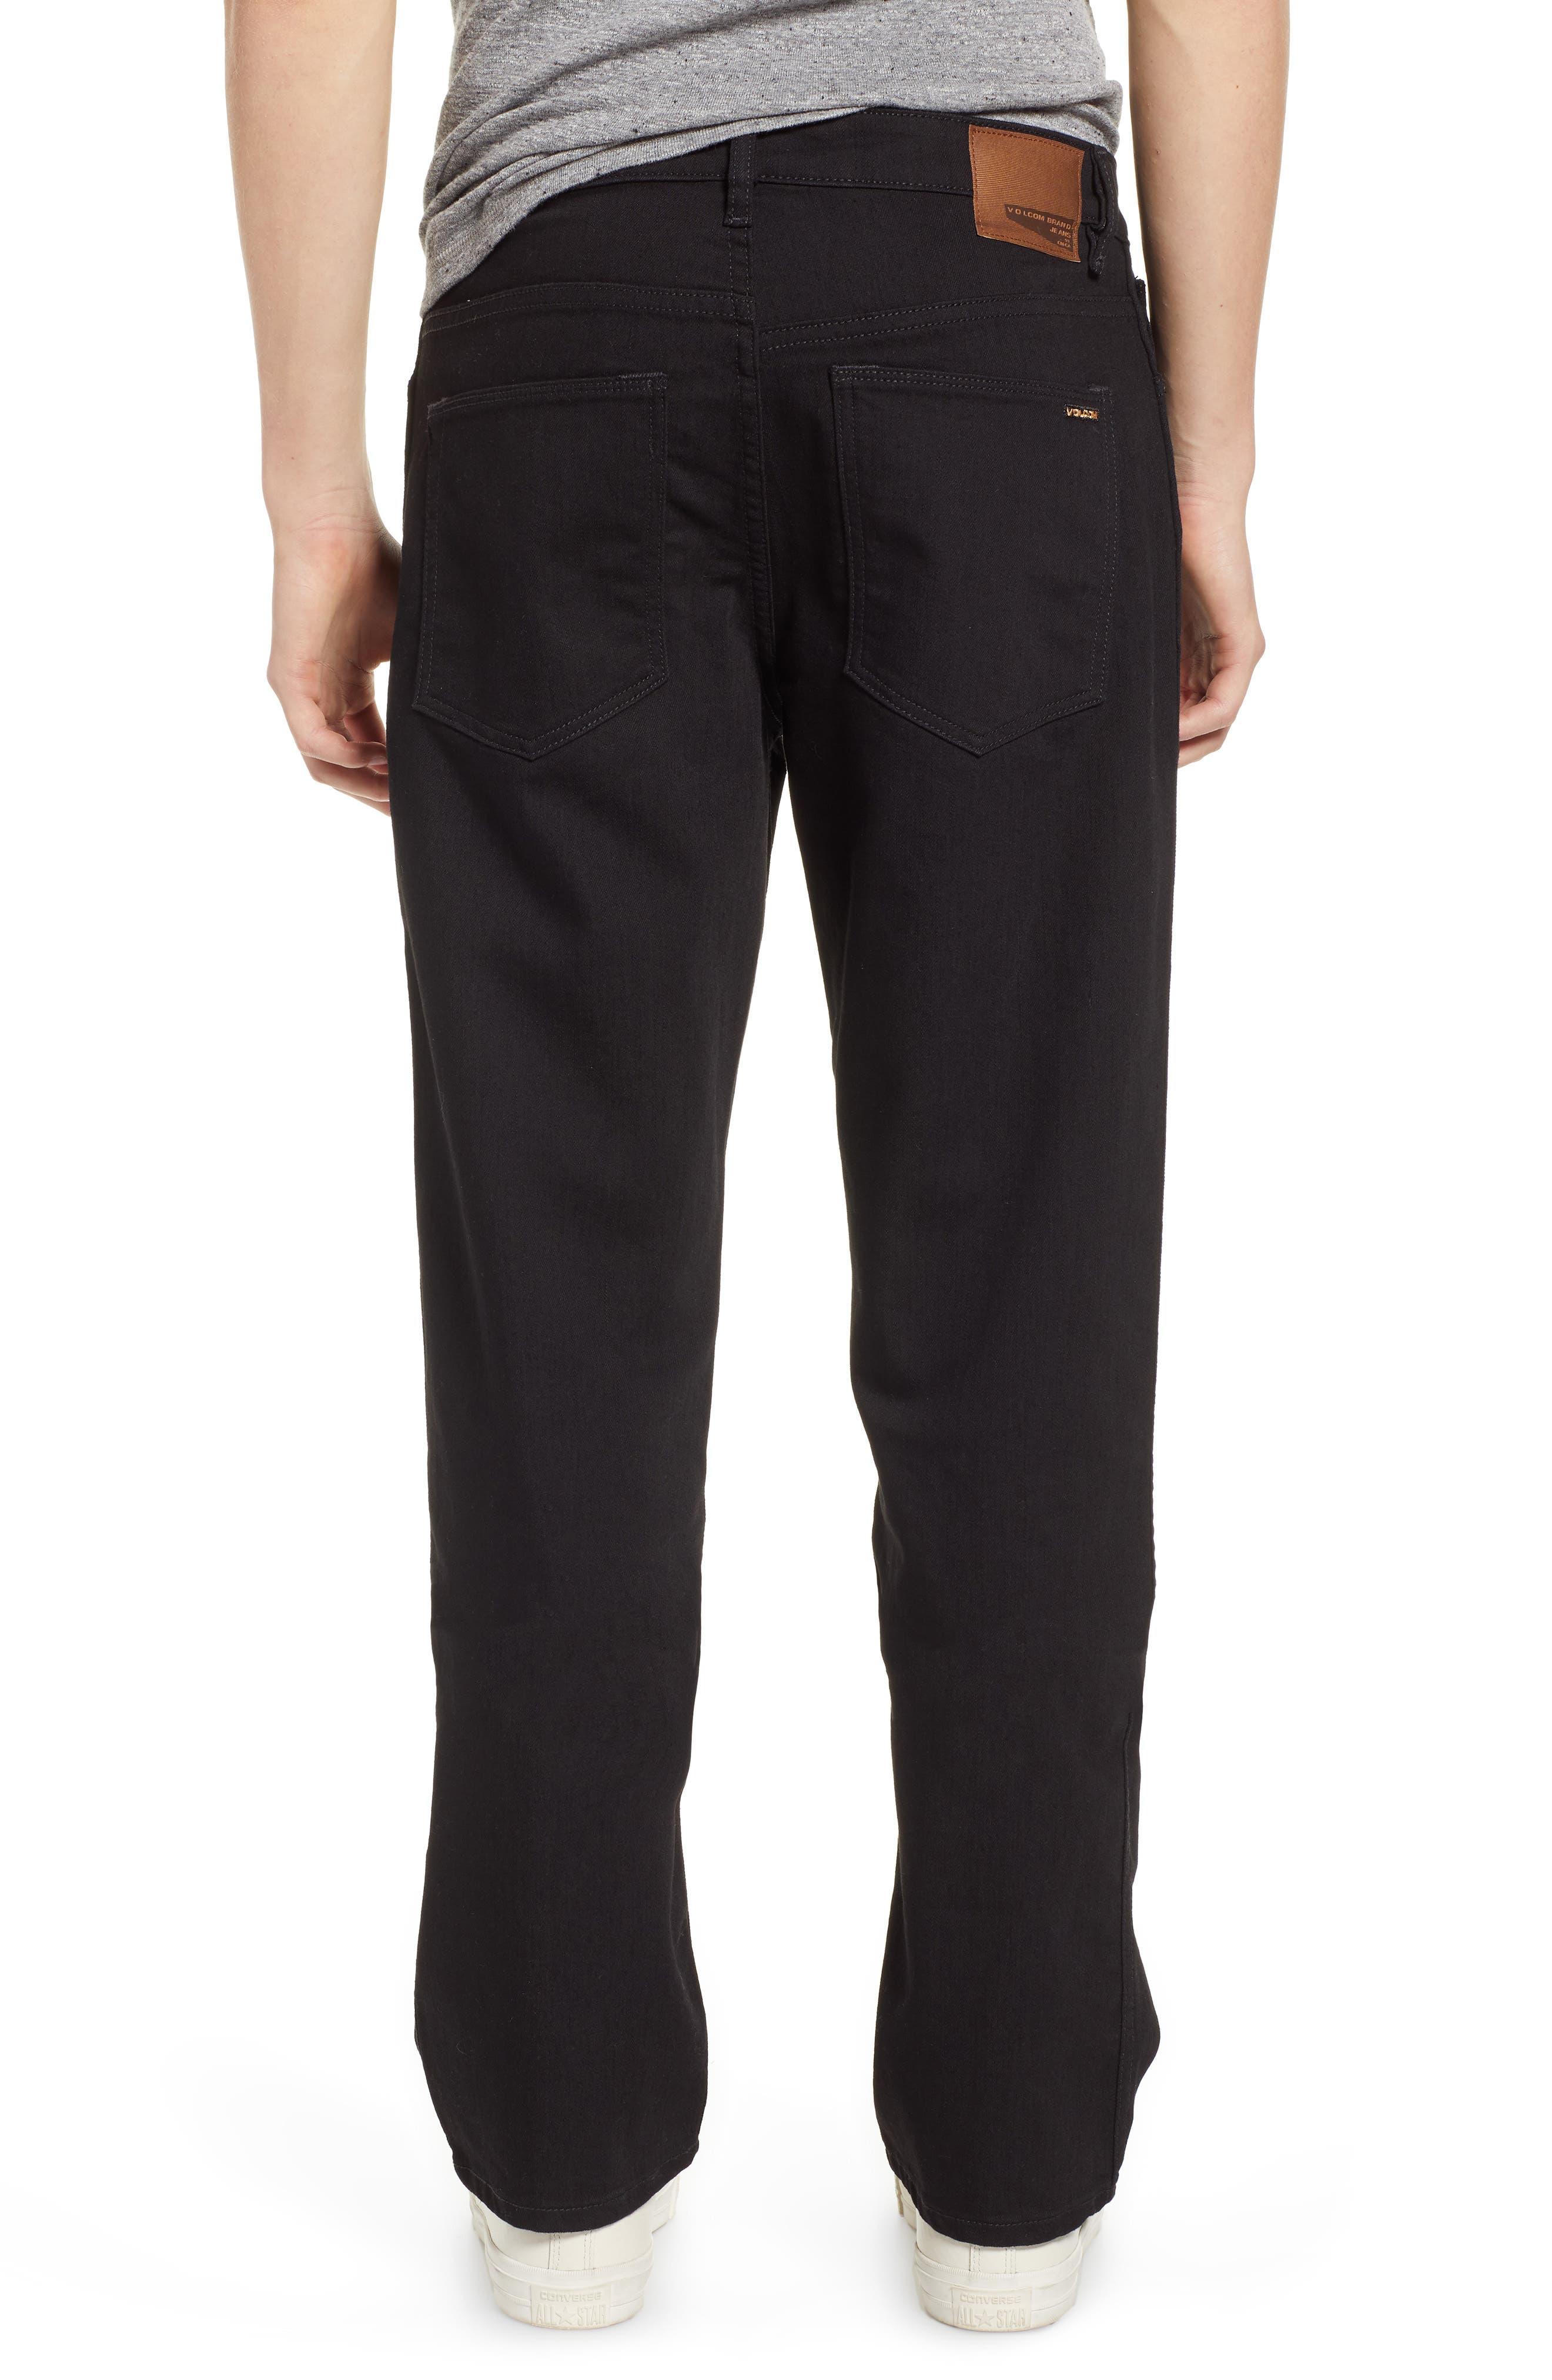 Kinkade Slim Fit Jeans,                             Alternate thumbnail 2, color,                             TOUGH BLACK